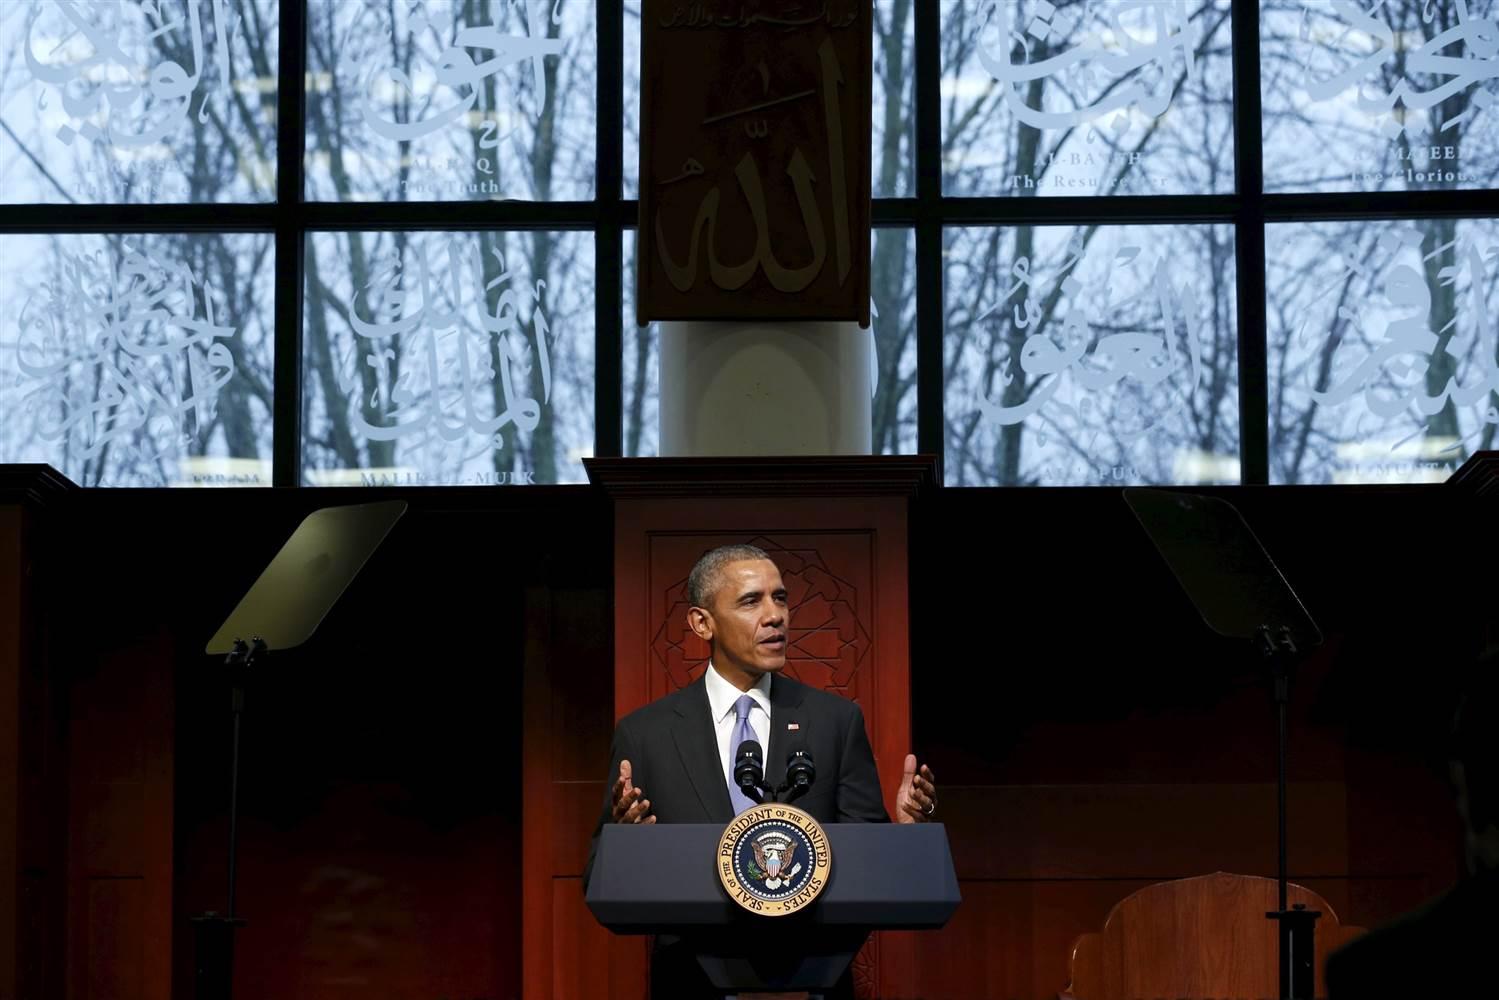 奥巴马访问巴尔的摩清真寺 亚裔社区领袖高度赞扬_图1-1